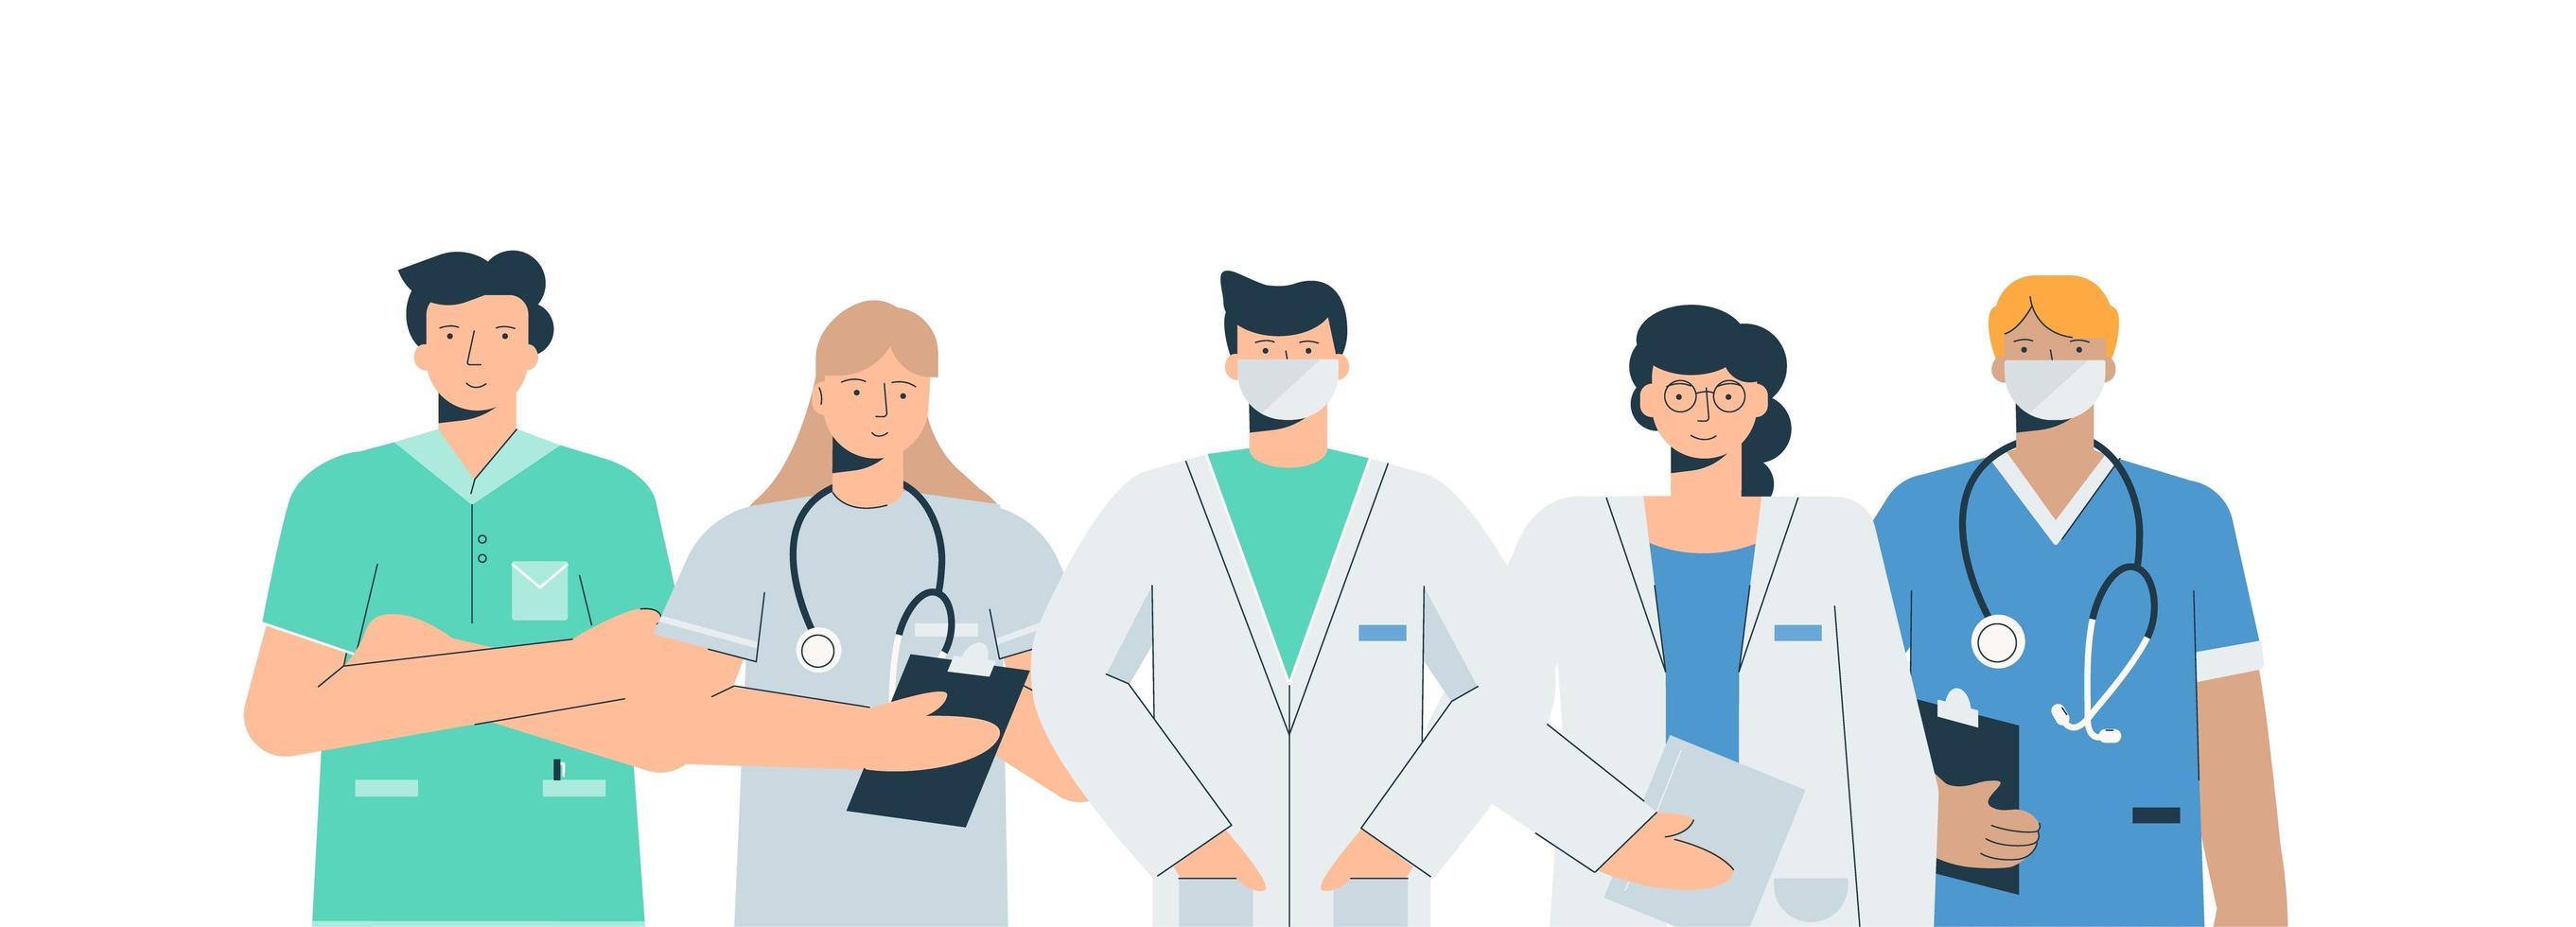 Ärzte in medizinischen Uniformen eingestellt vektor